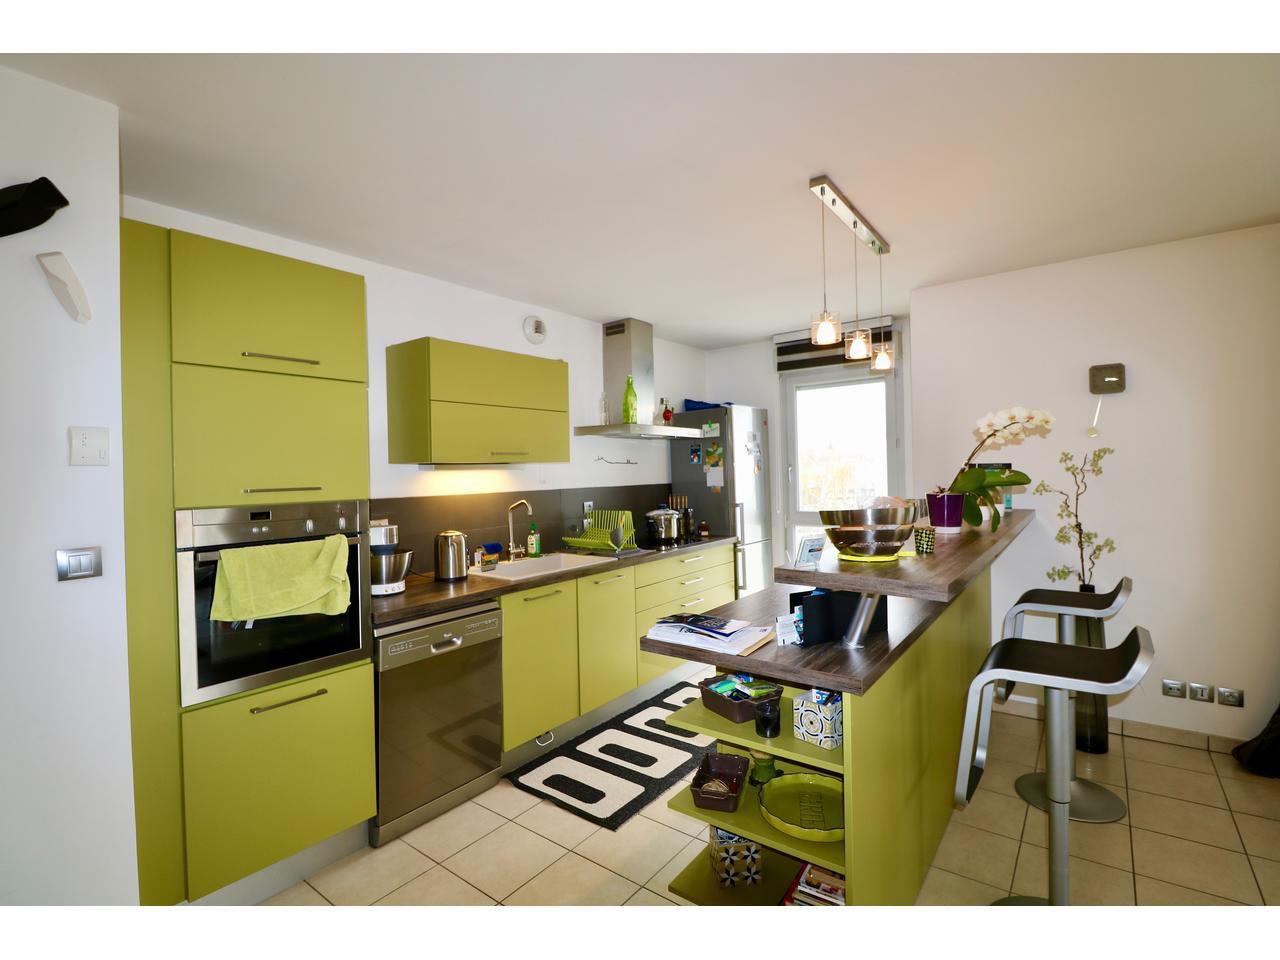 Appartement T3 de 2009 avec terrasse triple exposition